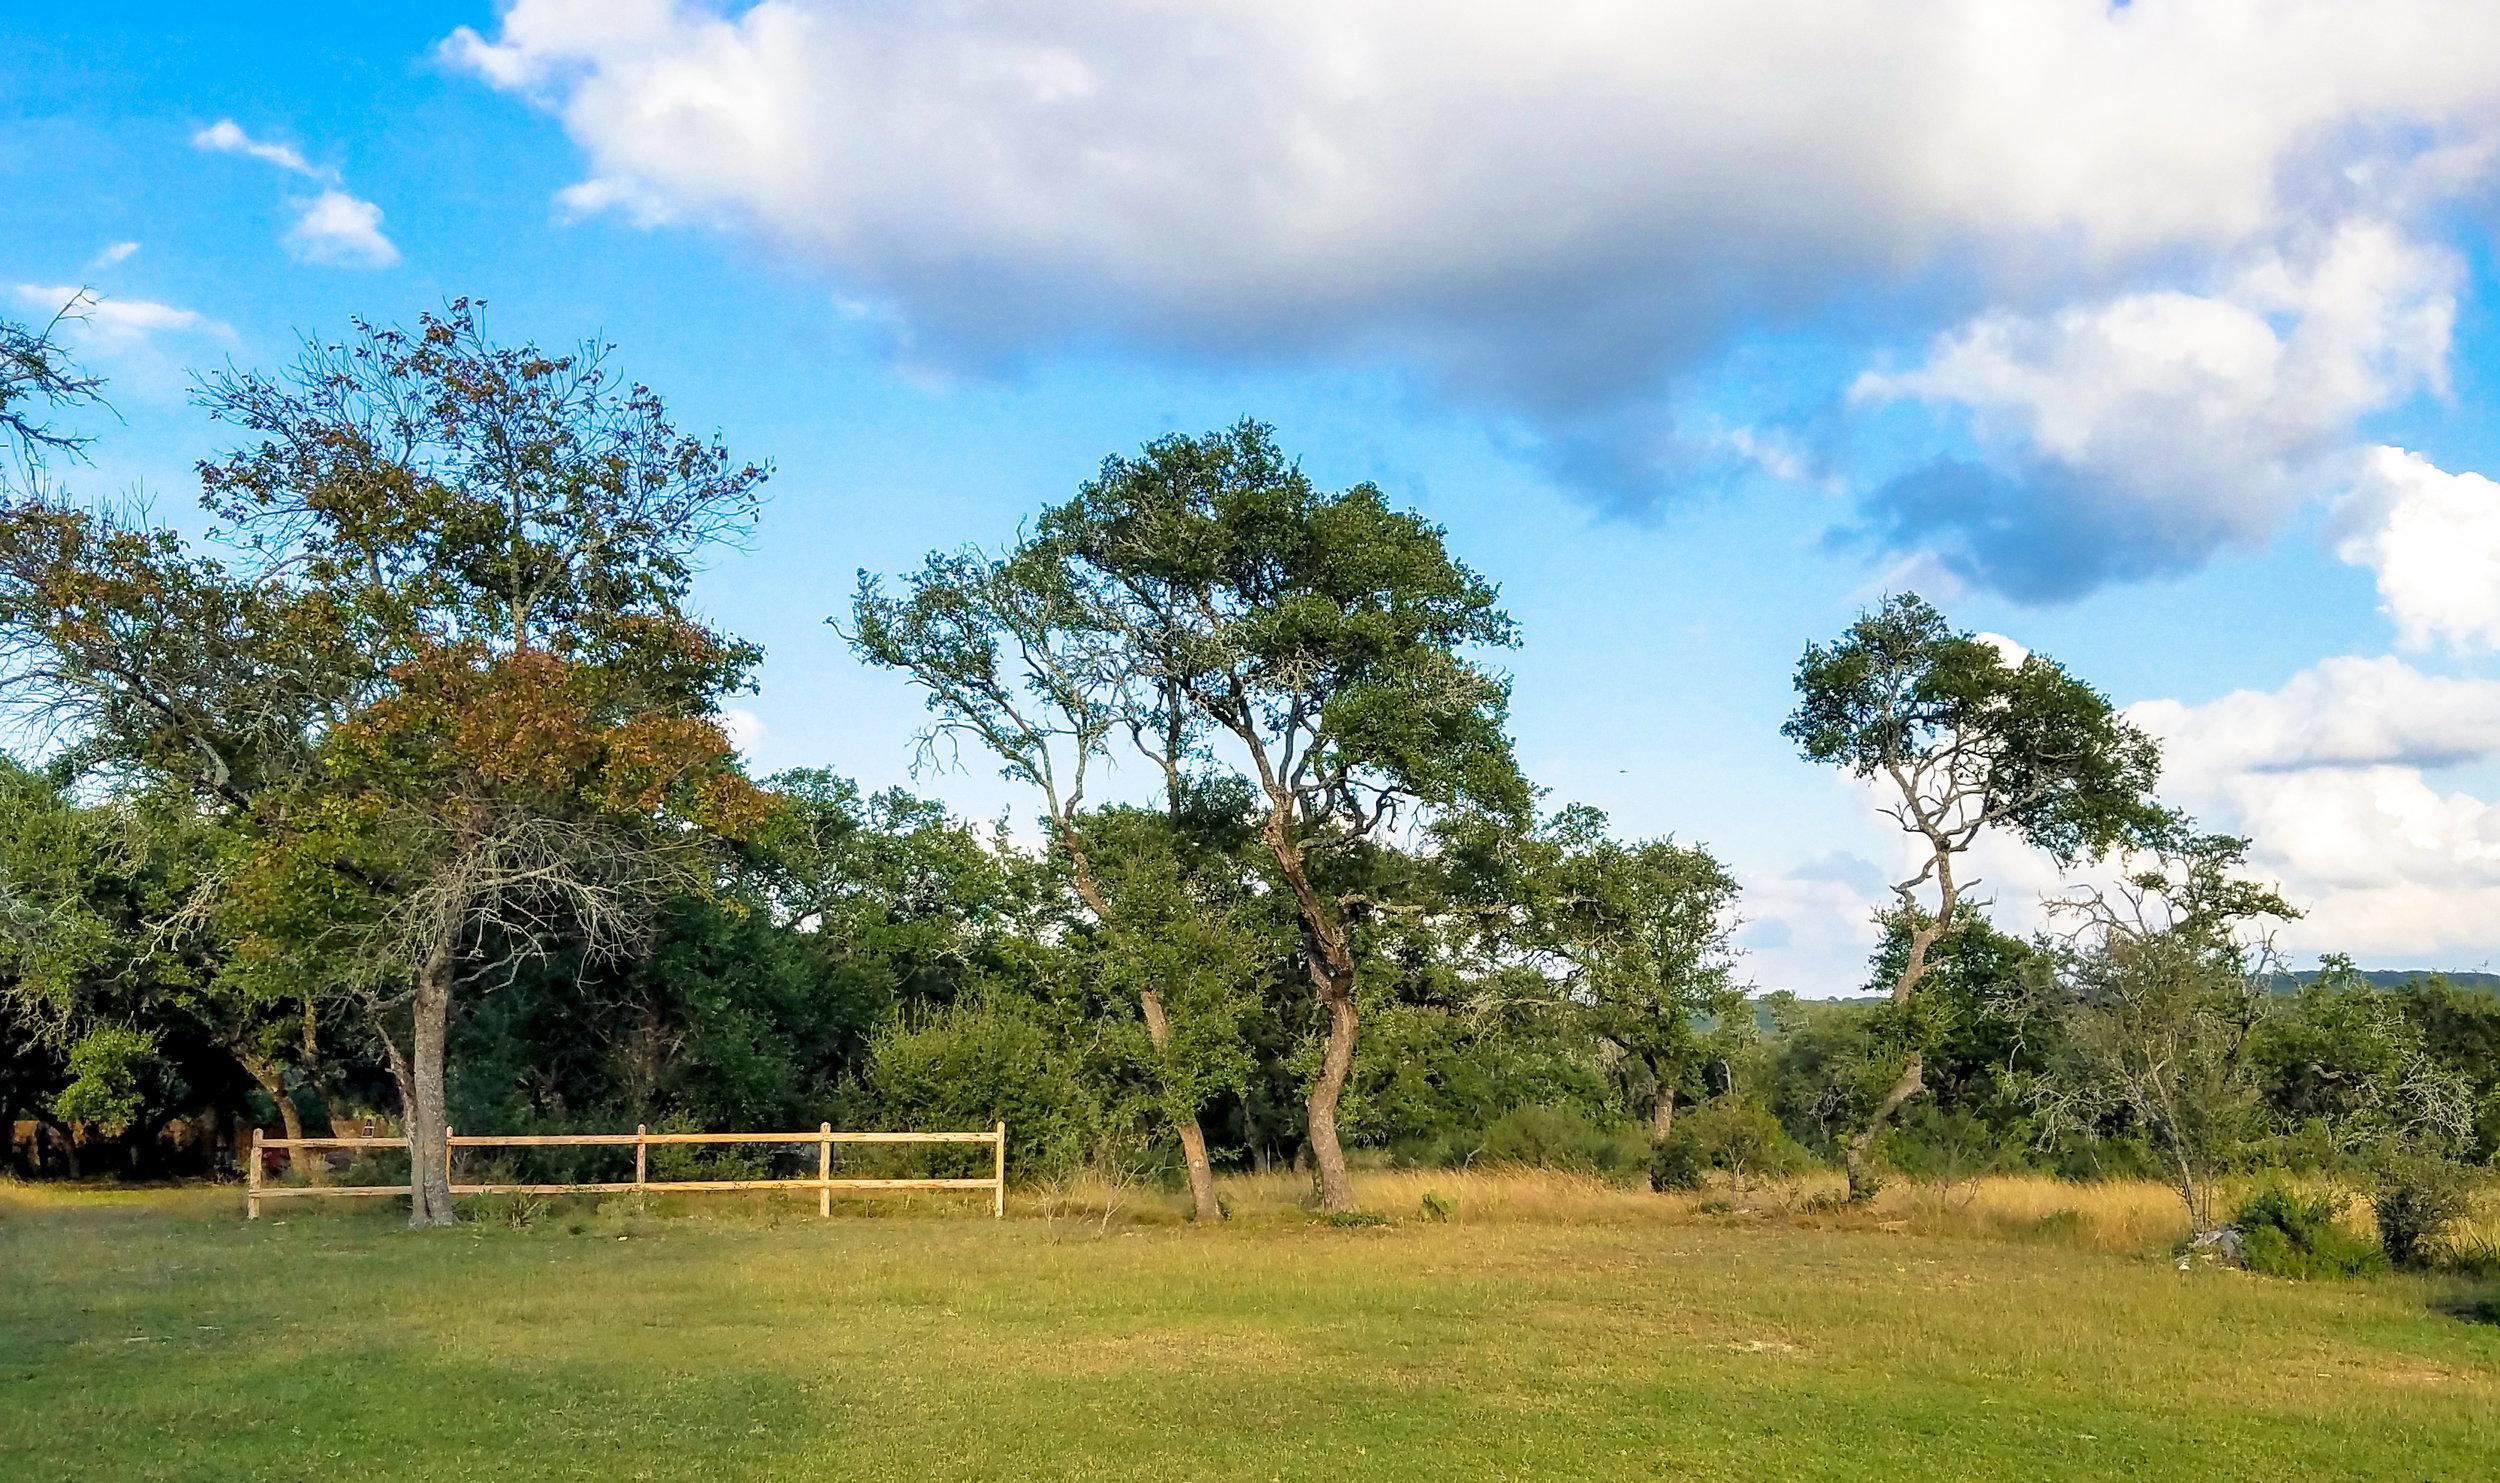 Backyard1_EDIT1.jpg